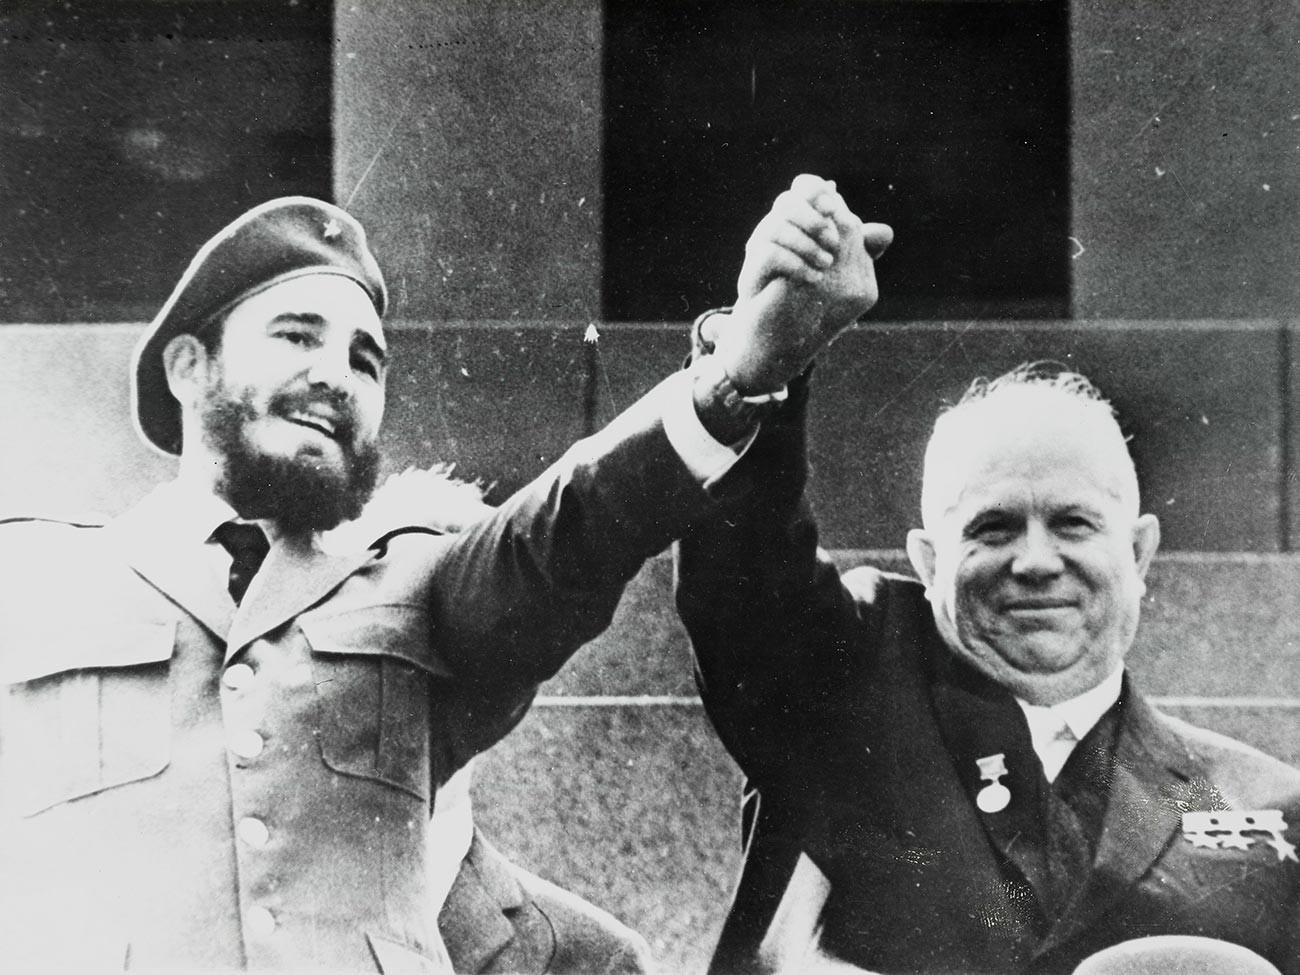 Nikita Khruschov e Fidel Castro assistindo ao Desfile do Primeiro de Maio na Praça Vermelha